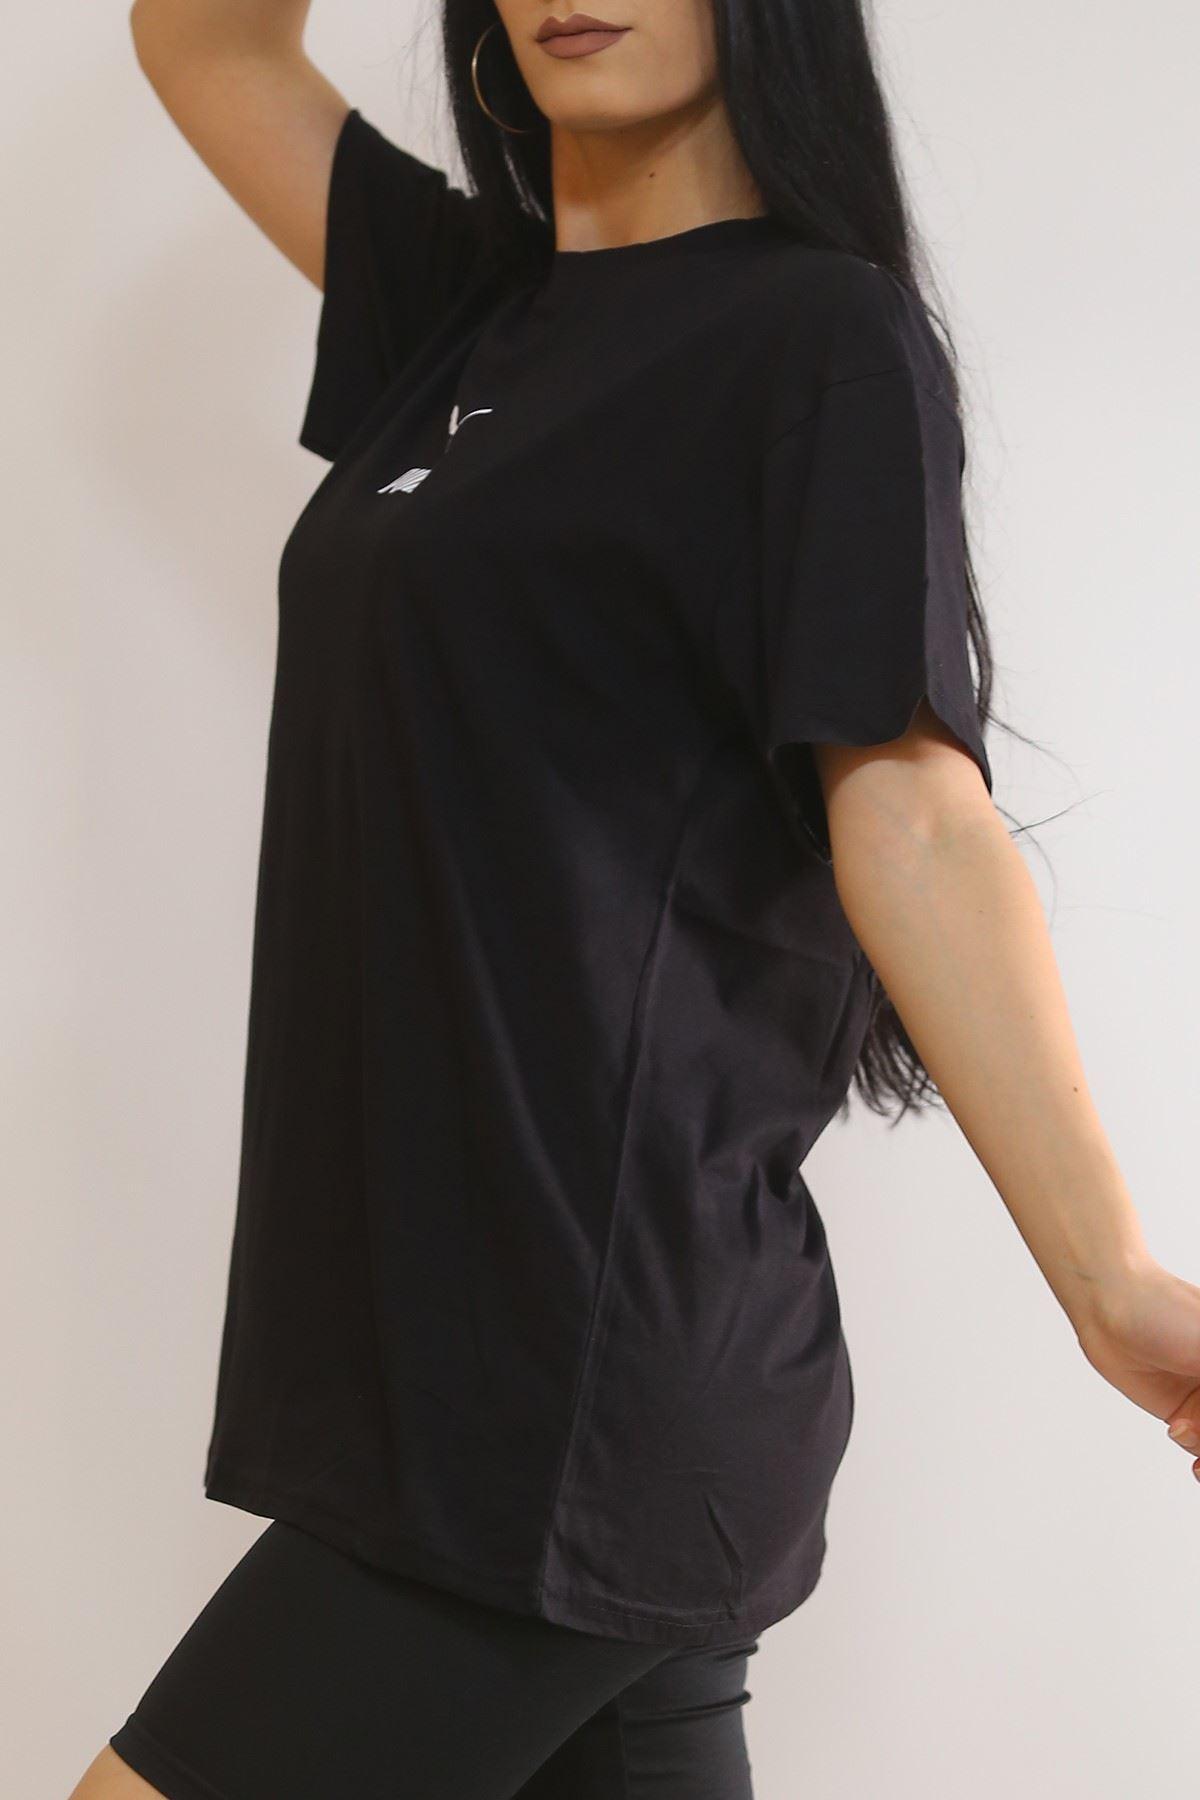 Arka Baskılı Tişört Siyah - 5967.1377.